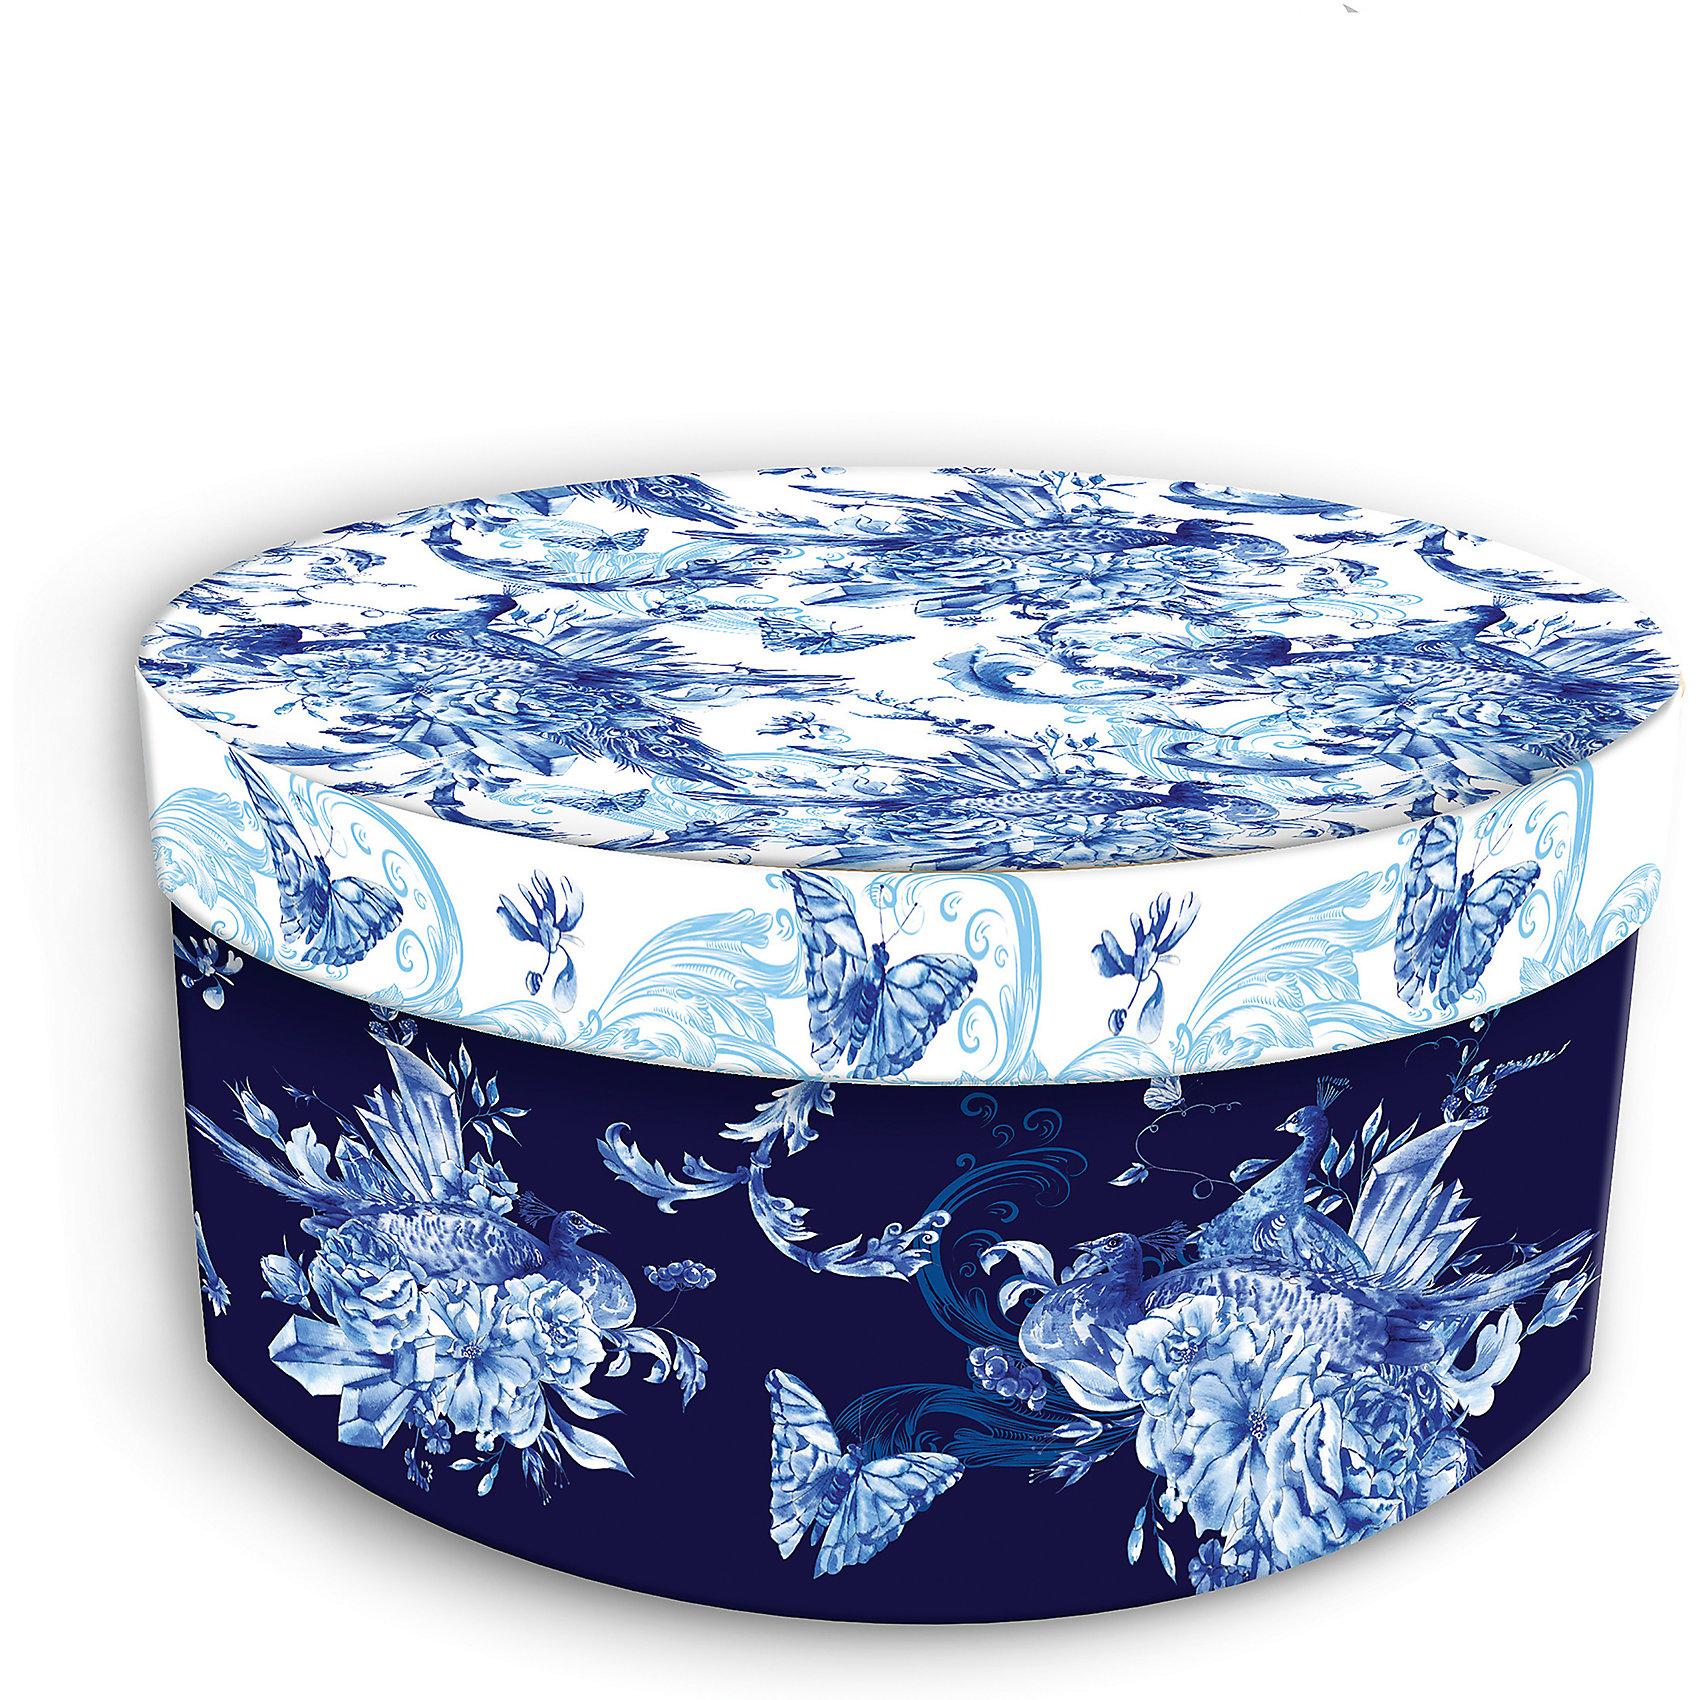 Коробка подарочная Голубые цветы, 14х14х7см., Феникс-ПрезентПредметы интерьера<br>Коробка подарочная Голубые цветы, 14х14х7см., Феникс-Презент<br><br>Характеристики:<br><br>• подарочная коробка с крышкой<br>• оригинальный дизайн<br>• изготовлена из мелованного ламинированного картона<br>• плотность 1100 г/м2<br>• рисунок на внутренней и наружной стороне<br>• размер: 14х14х7 см<br><br>Красивая подарочная коробка подарит массу положительных эмоций и создаст праздничное настроение. Коробка Голубые цветы изготовлена из плотного ламинированного картона. Наружная сторона оформлена ярким цветочным узором голубого оттенка. Изделие имеет круглую форму, закрывается с помощью крышки. Такой подарок не оставит получателя равнодушным!<br><br>Коробка подарочная Голубые цветы, 14х14х7см., Феникс-Презент вы можете купить в нашем интернет-магазине.<br><br>Ширина мм: 140<br>Глубина мм: 140<br>Высота мм: 70<br>Вес г: 60<br>Возраст от месяцев: 36<br>Возраст до месяцев: 2147483647<br>Пол: Унисекс<br>Возраст: Детский<br>SKU: 5449638